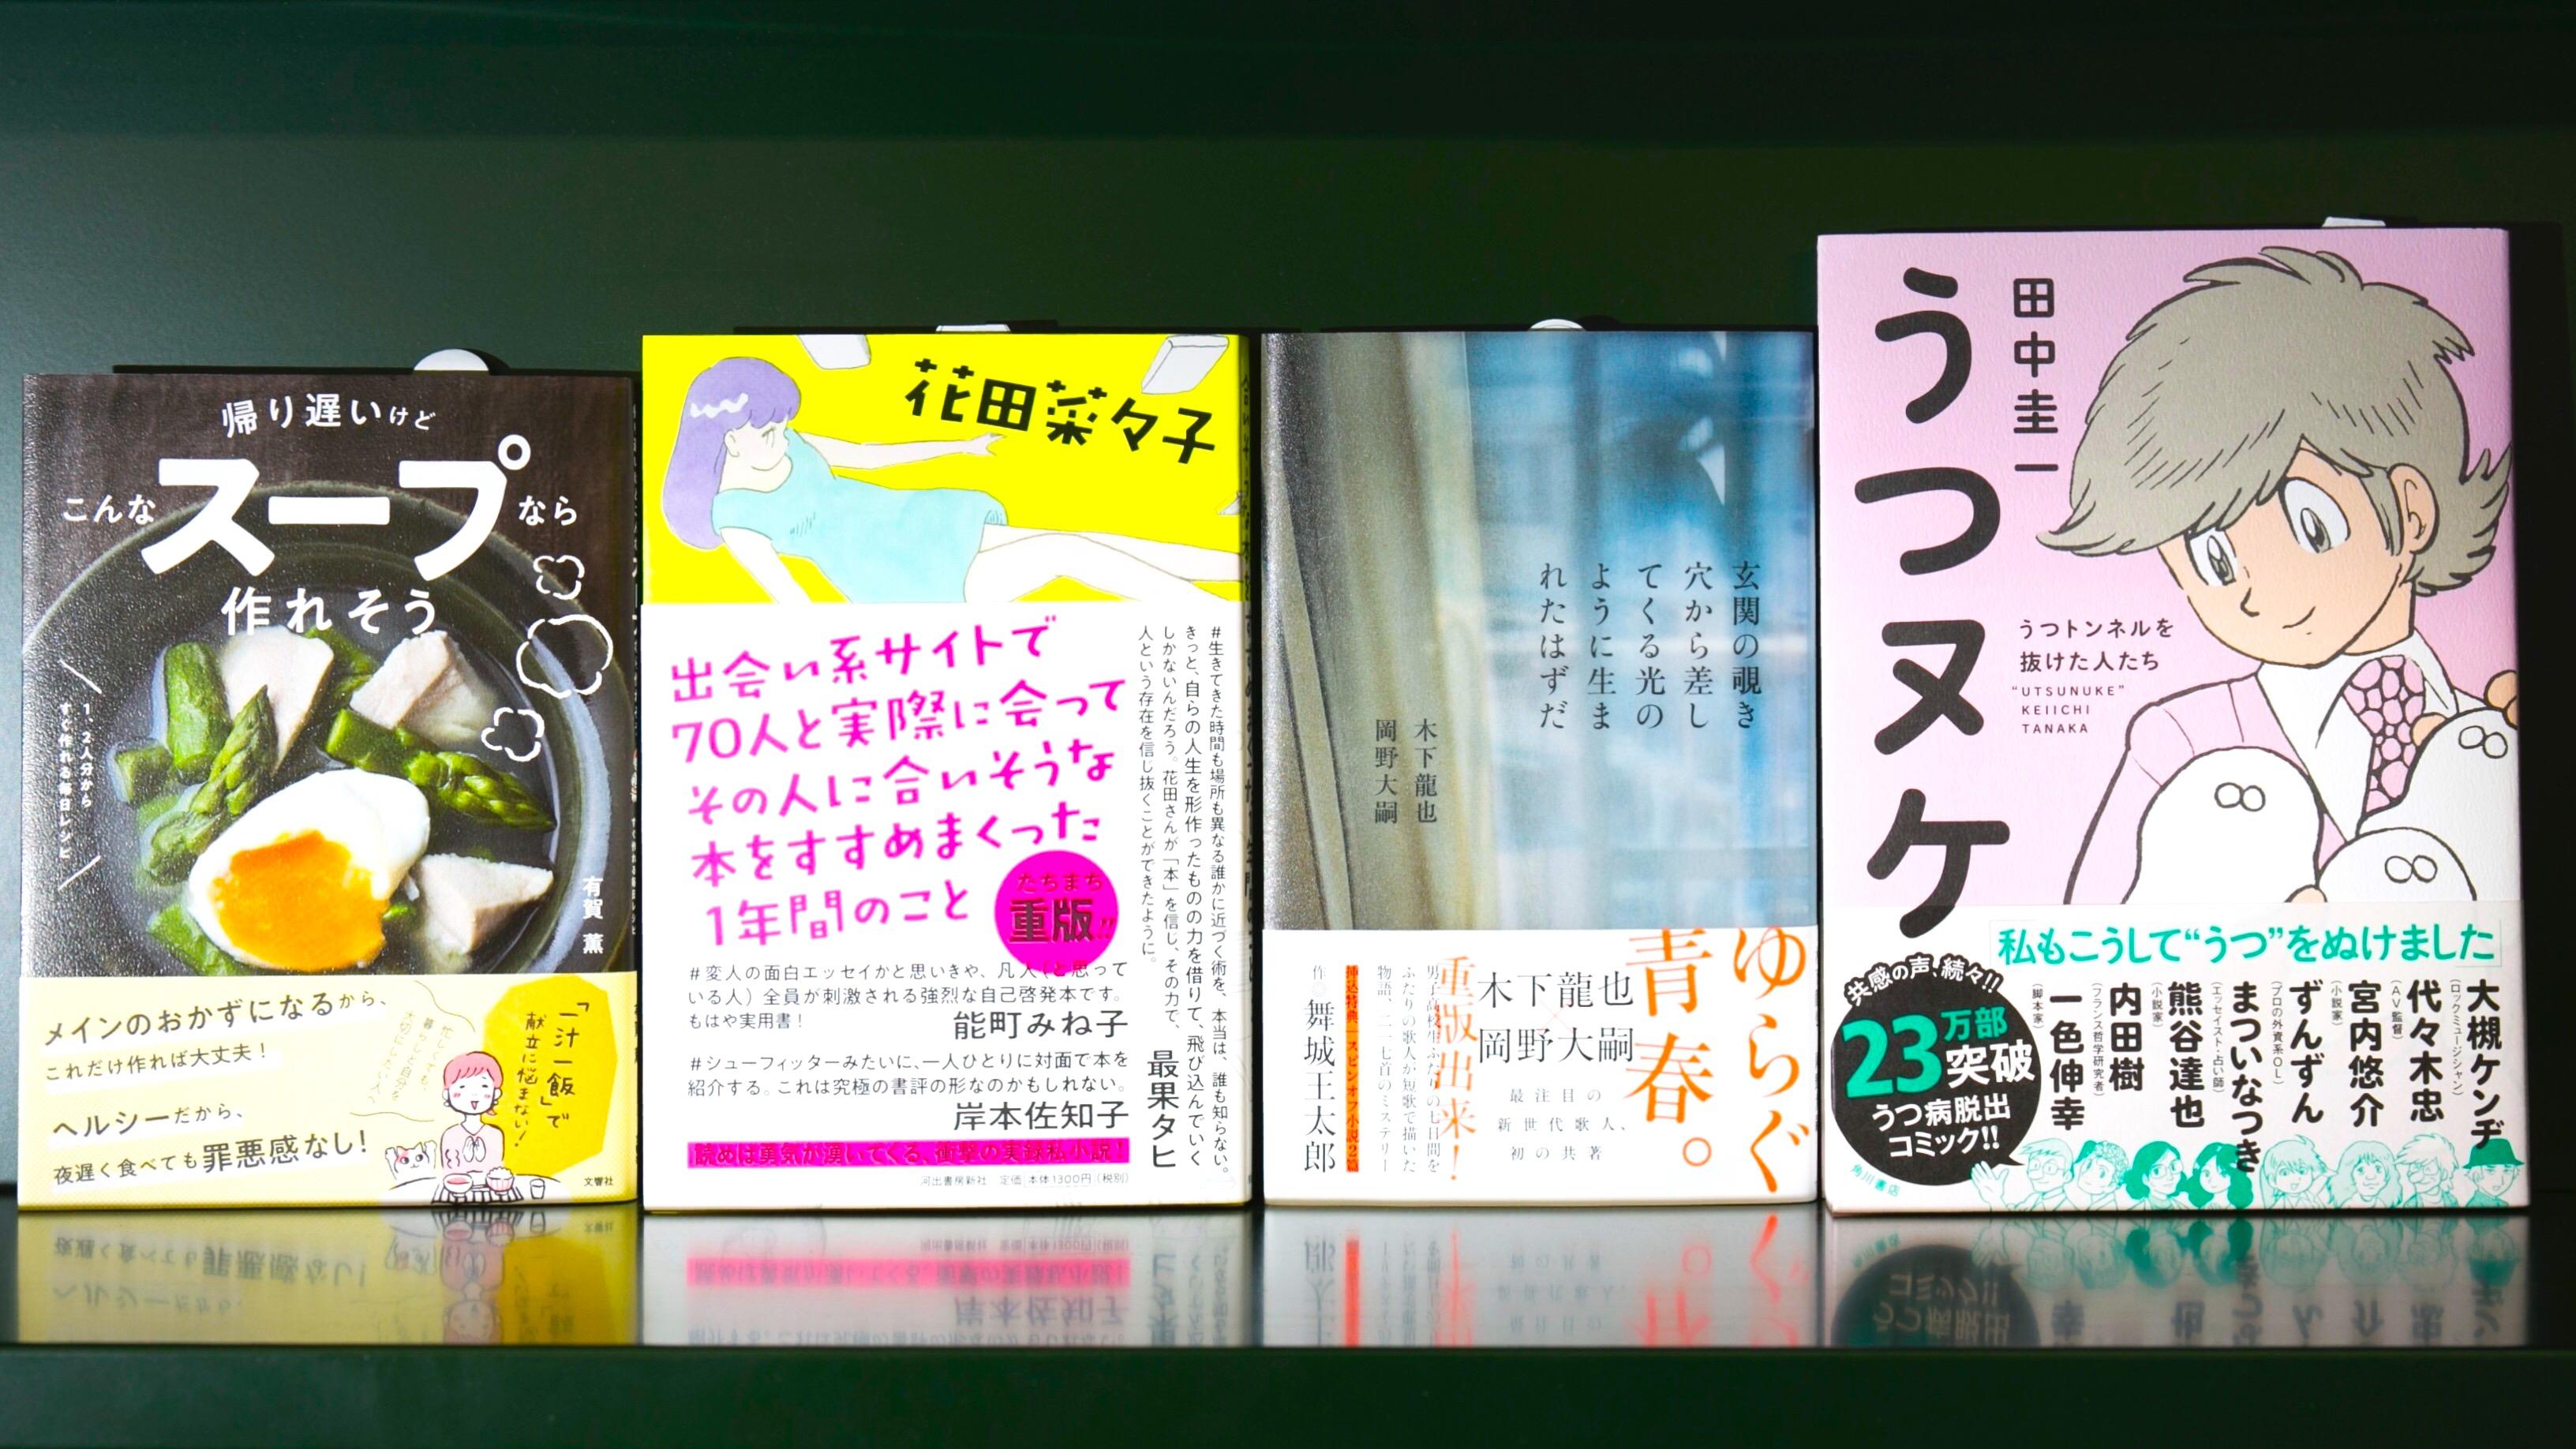 【カリスマ書店員が推薦】雨の日に読んでほしい4冊とは?